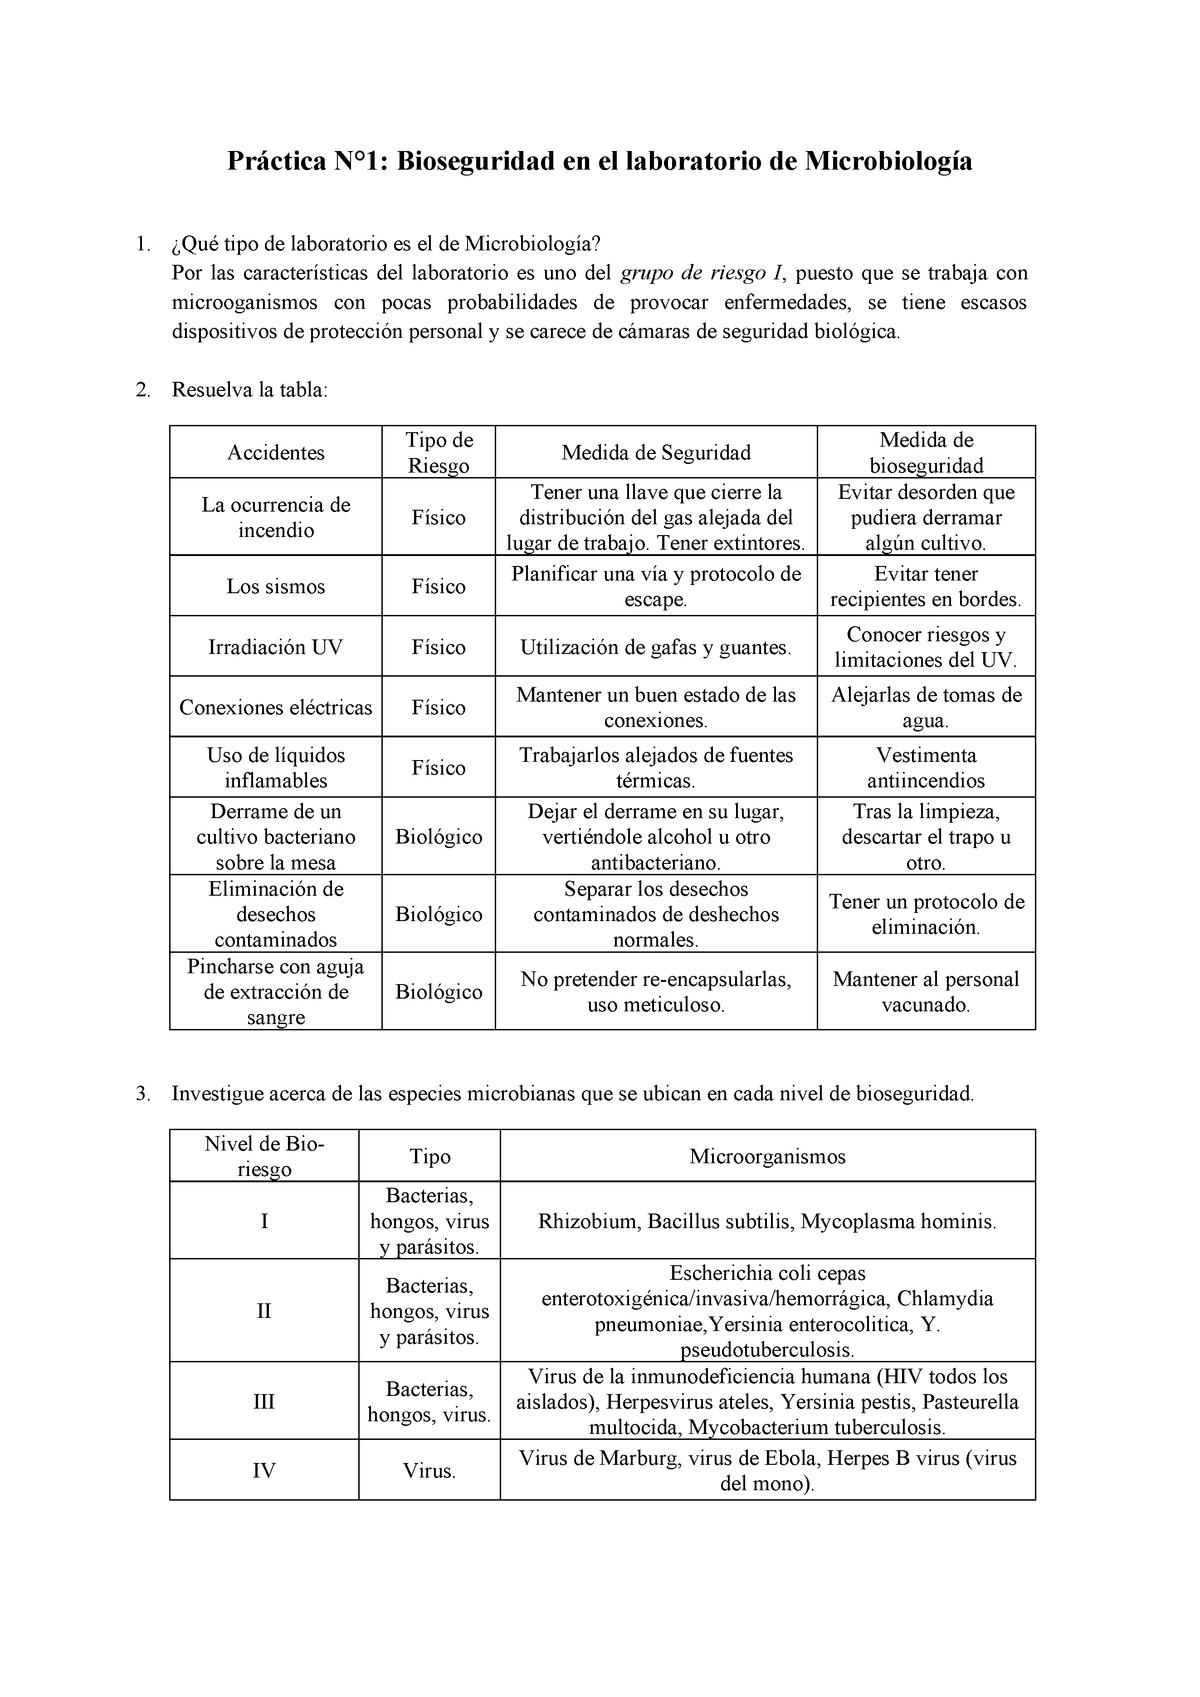 tabla de diferencias entre bacterias, virus, hongos y parásitos